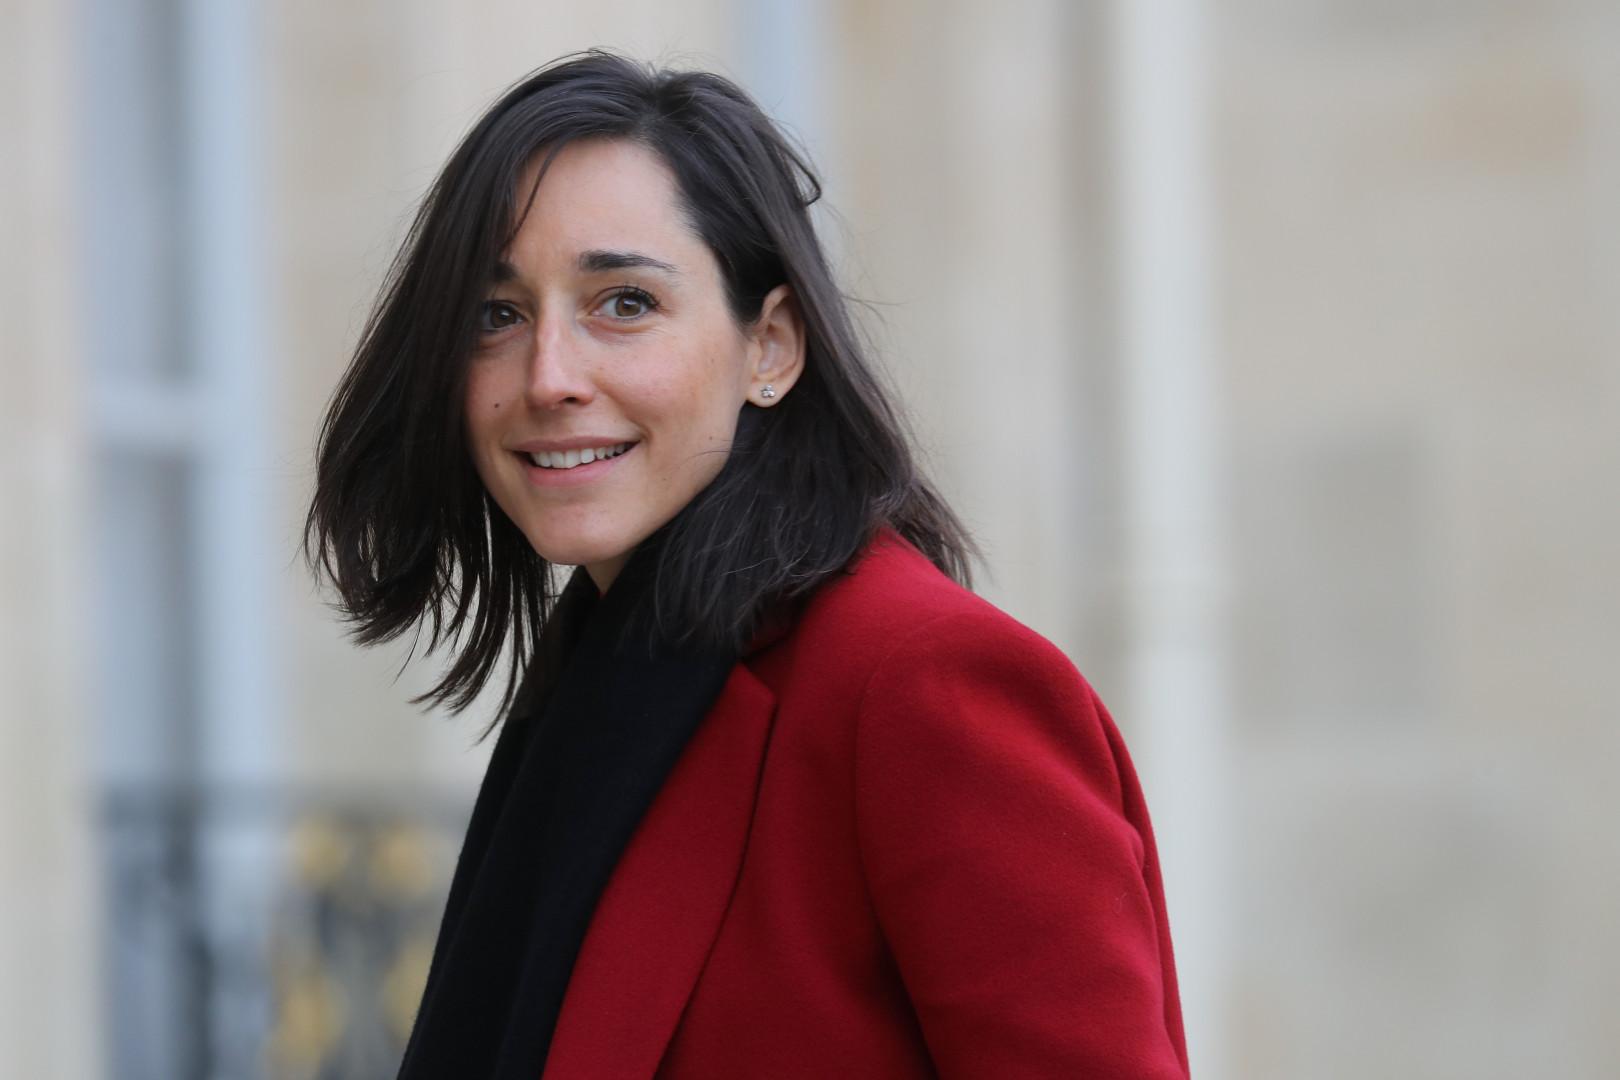 L'ex-secrétaire d'État auprès de la ministre de la Transition écologique et solidaire Brune Poirson a contracté la Covid-19 le 14 mars 2020